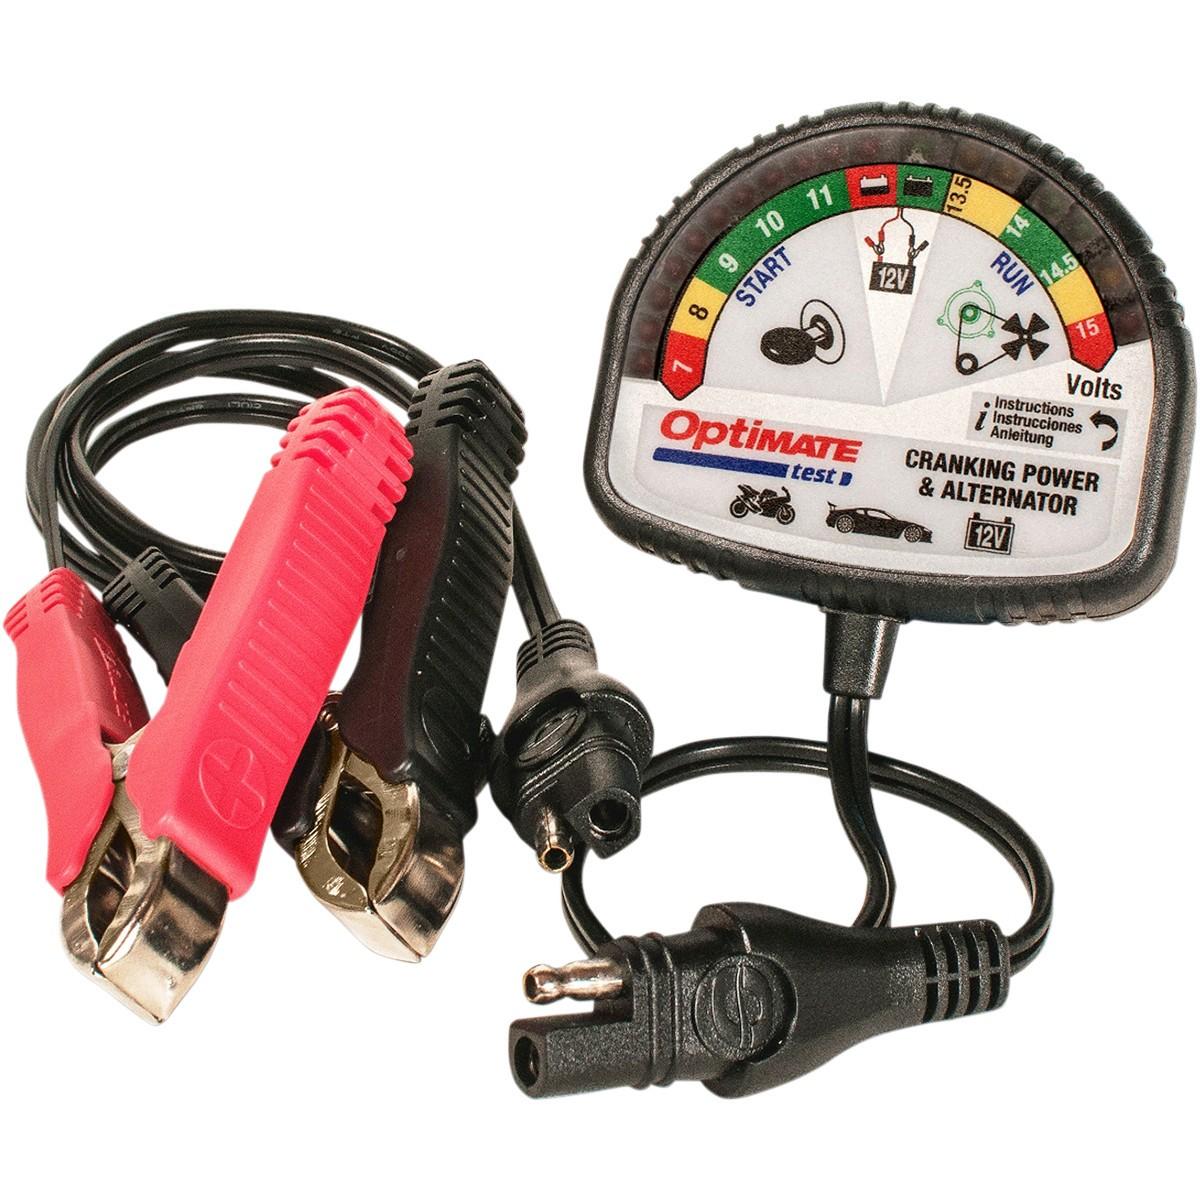 Тестер аккумуляторных батарей OptiMate Test. TS1202012506200424Простейшее и информативное устройство OptiMate Test предназначено для проверки работоспособности аккумуляторных батарей и генератора на любом транспортном средстве: автомобилях, мотоциклах, скутерах и т.д.